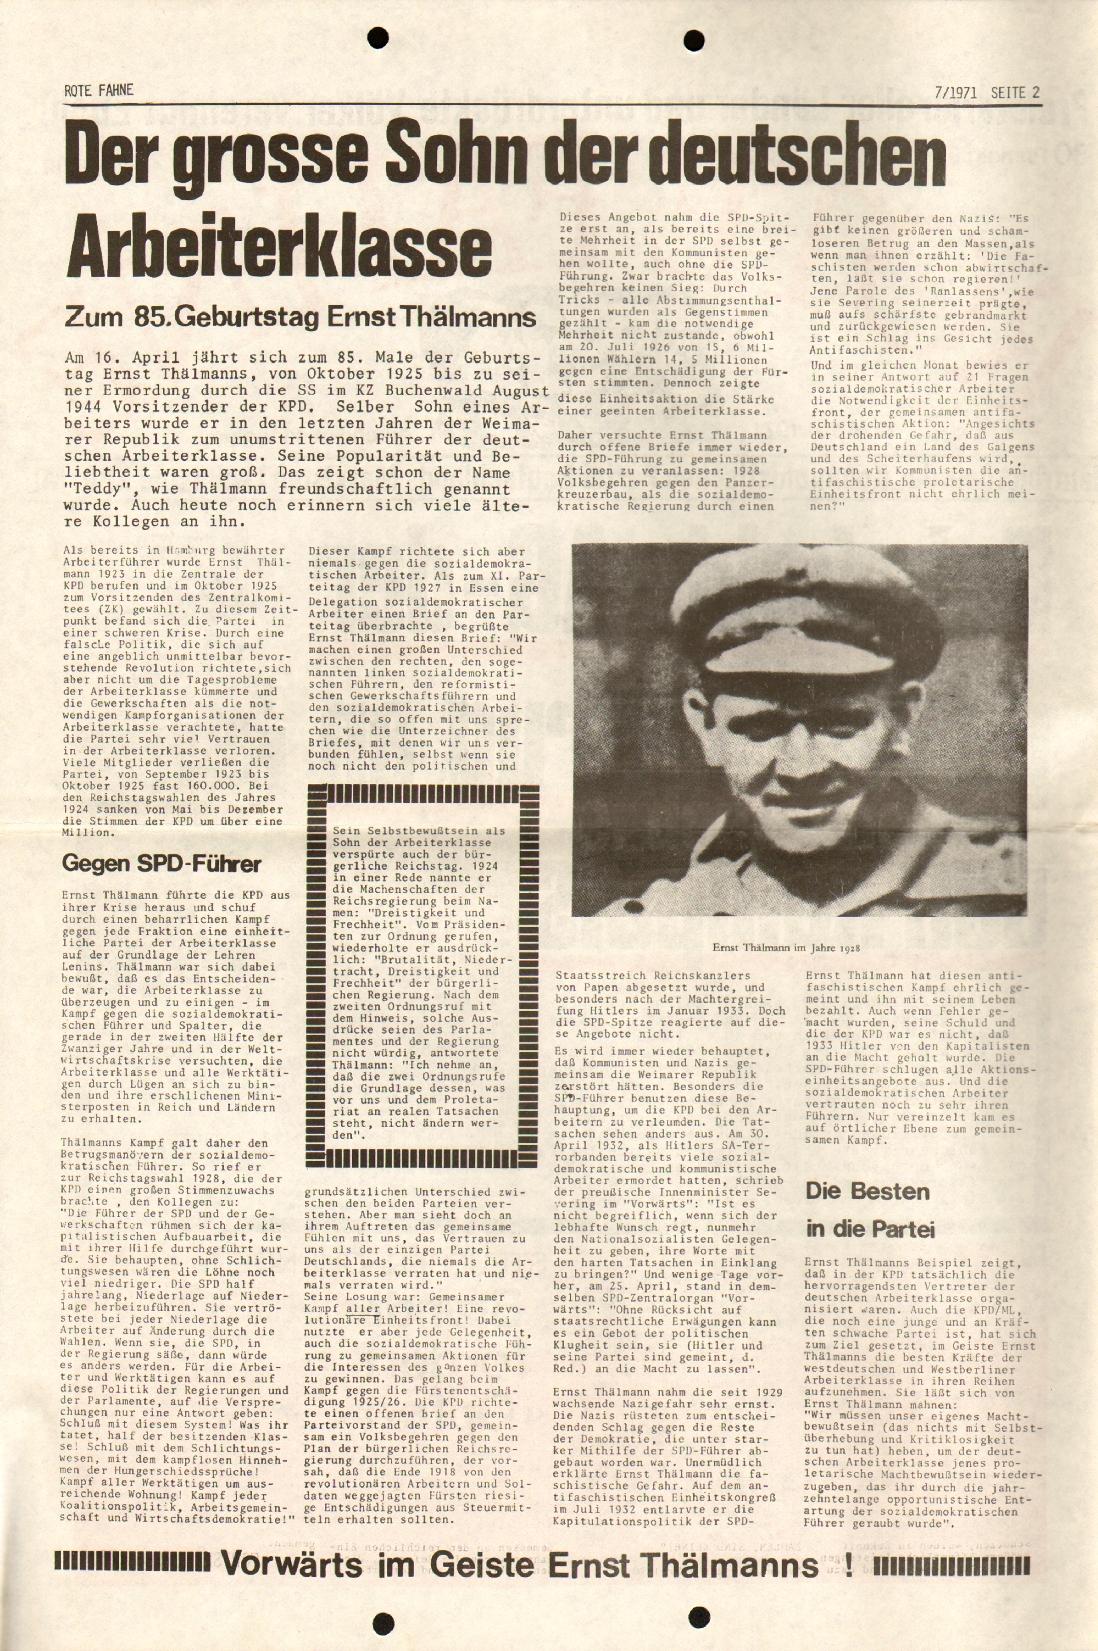 Rote Fahne, 2. Jg., 12.4.1971, Nr. 7, Seite 2